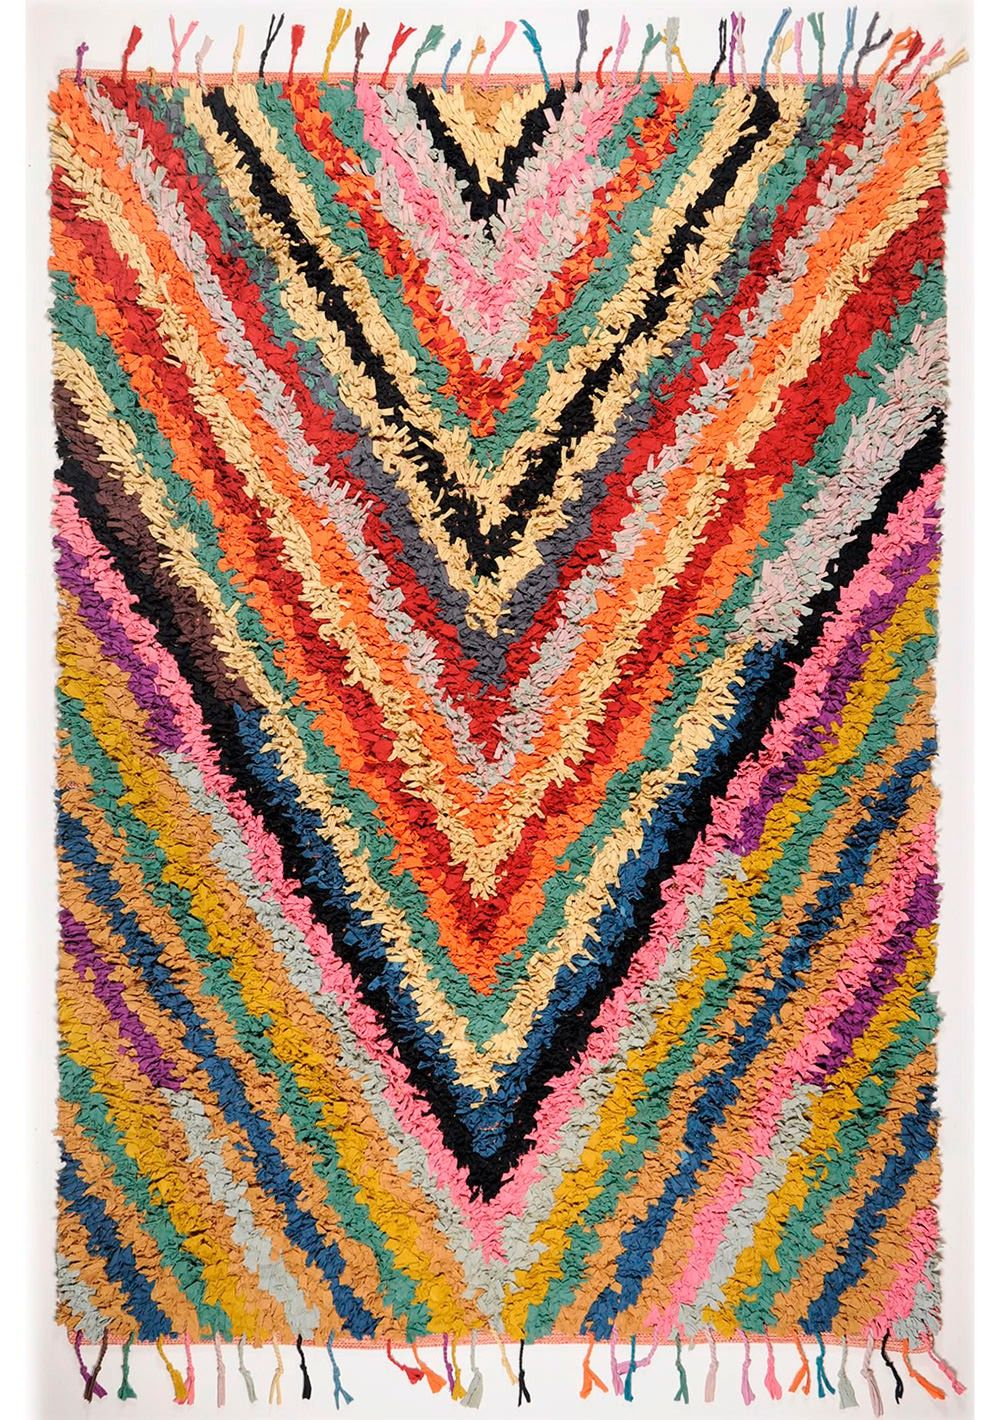 Blattschuss von Fleckerlteppich Woven Rug RO-12-1124 800 in multicolor.